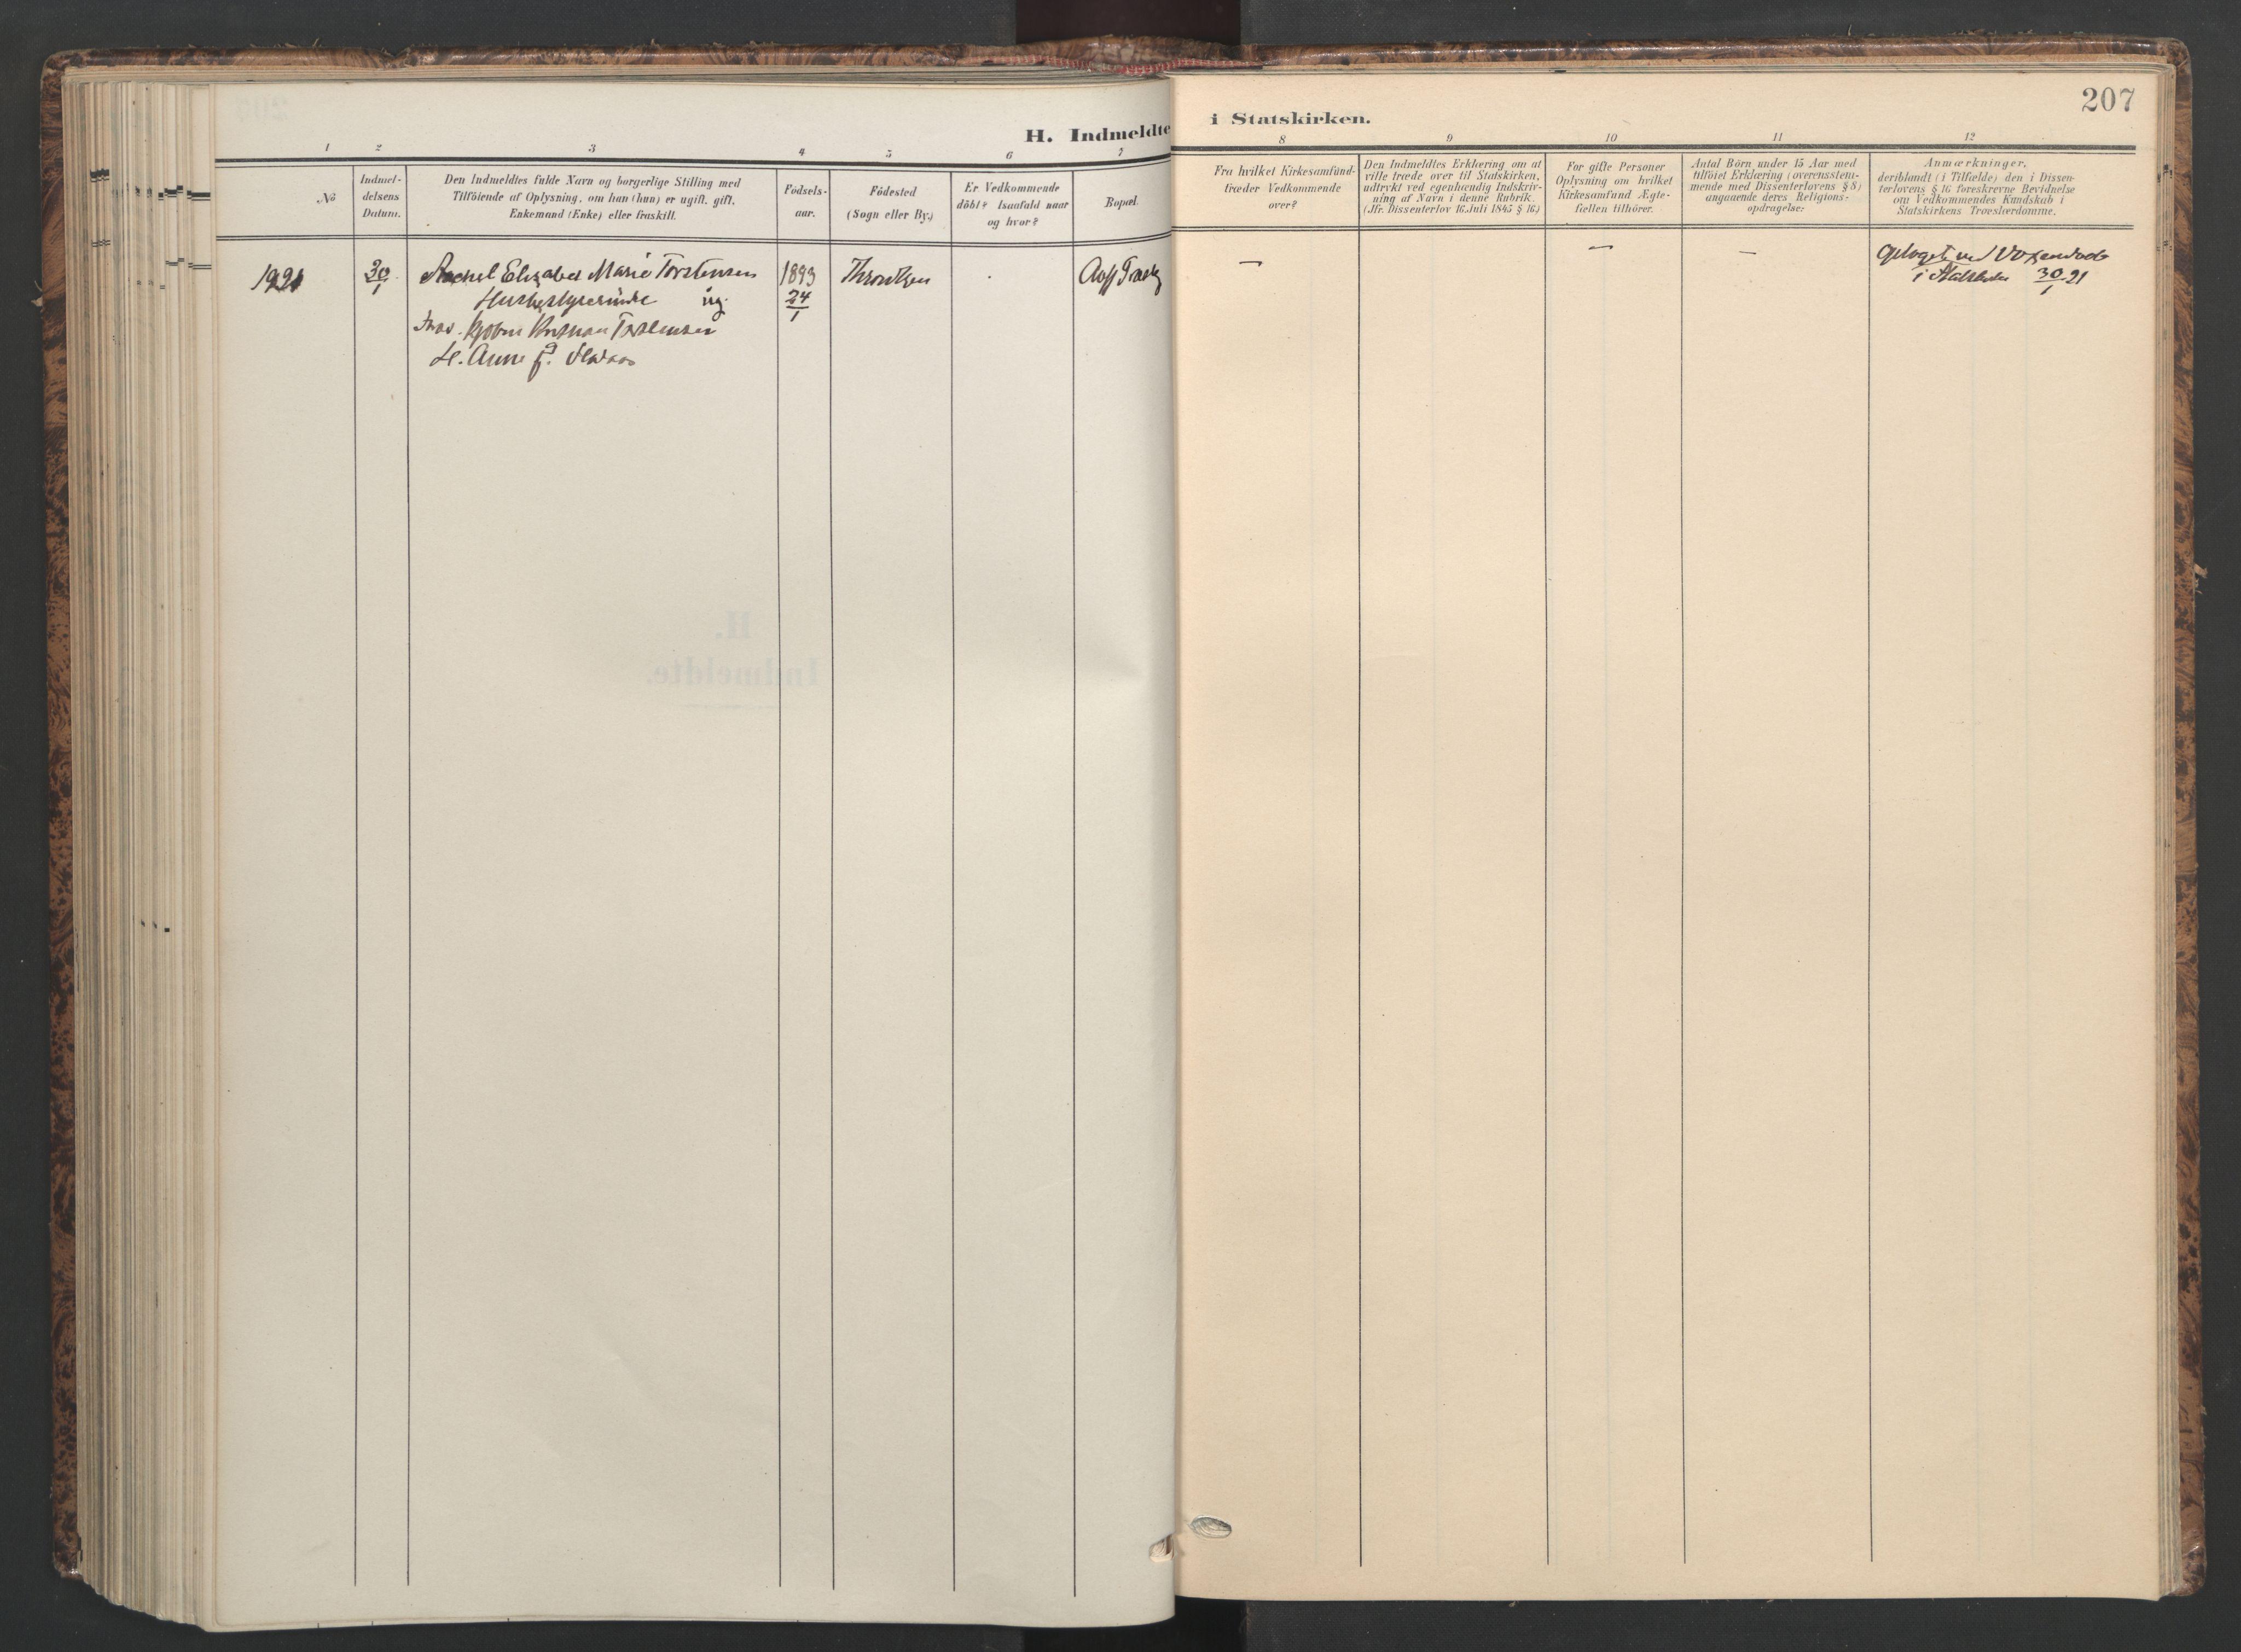 SAT, Ministerialprotokoller, klokkerbøker og fødselsregistre - Sør-Trøndelag, 655/L0682: Ministerialbok nr. 655A11, 1908-1922, s. 207